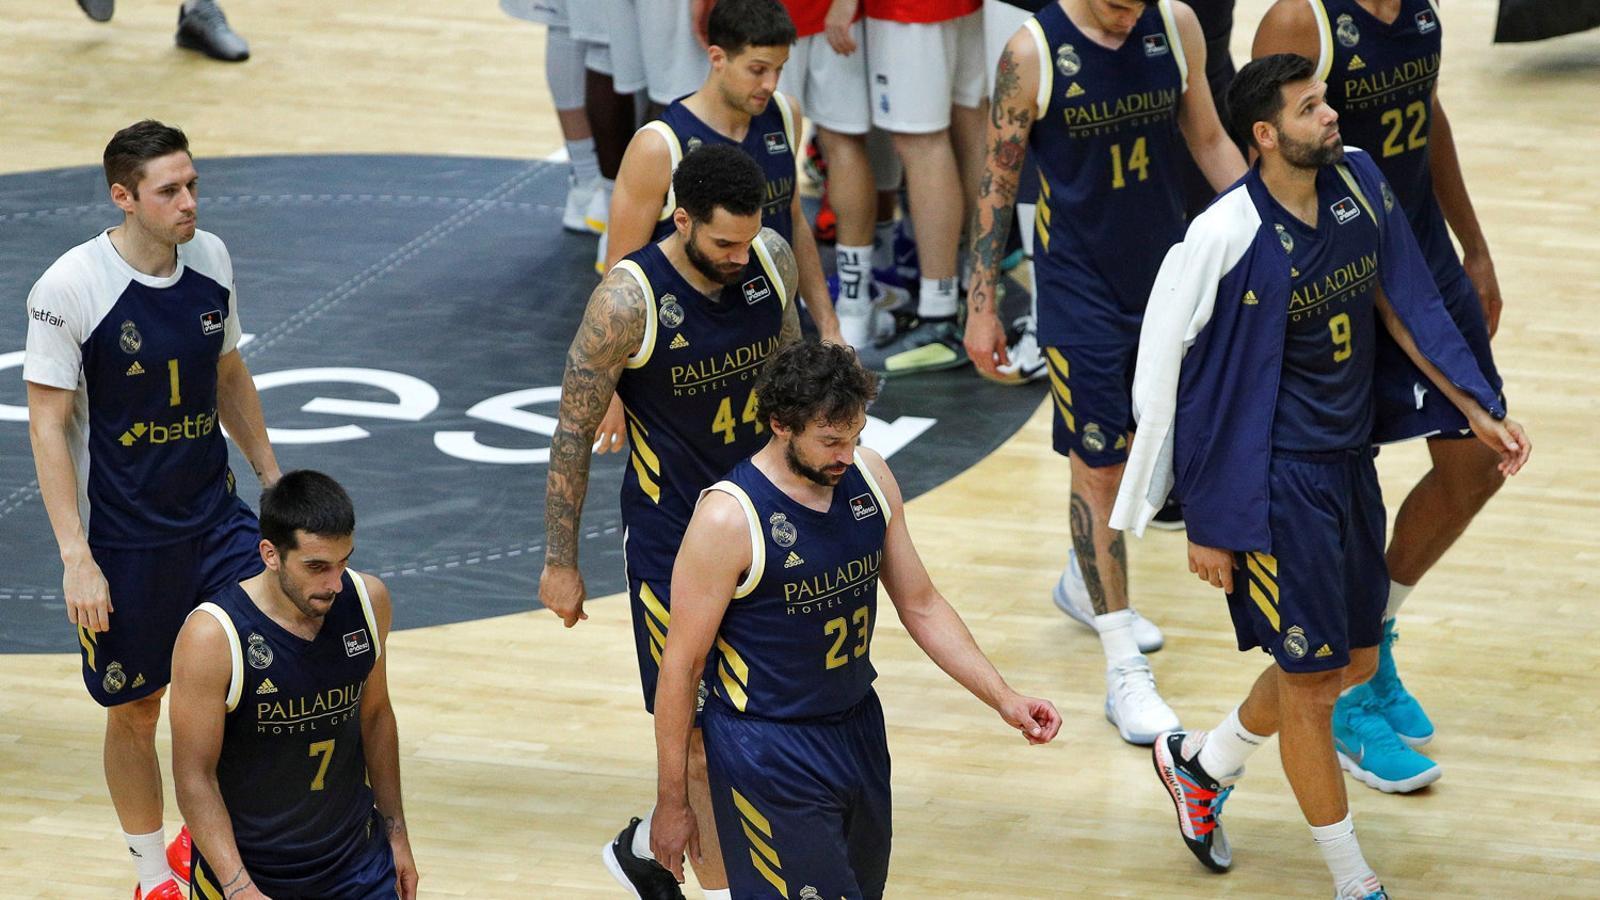 El Madrid perd davant l'Andorra i queda a un pas de ser eliminat